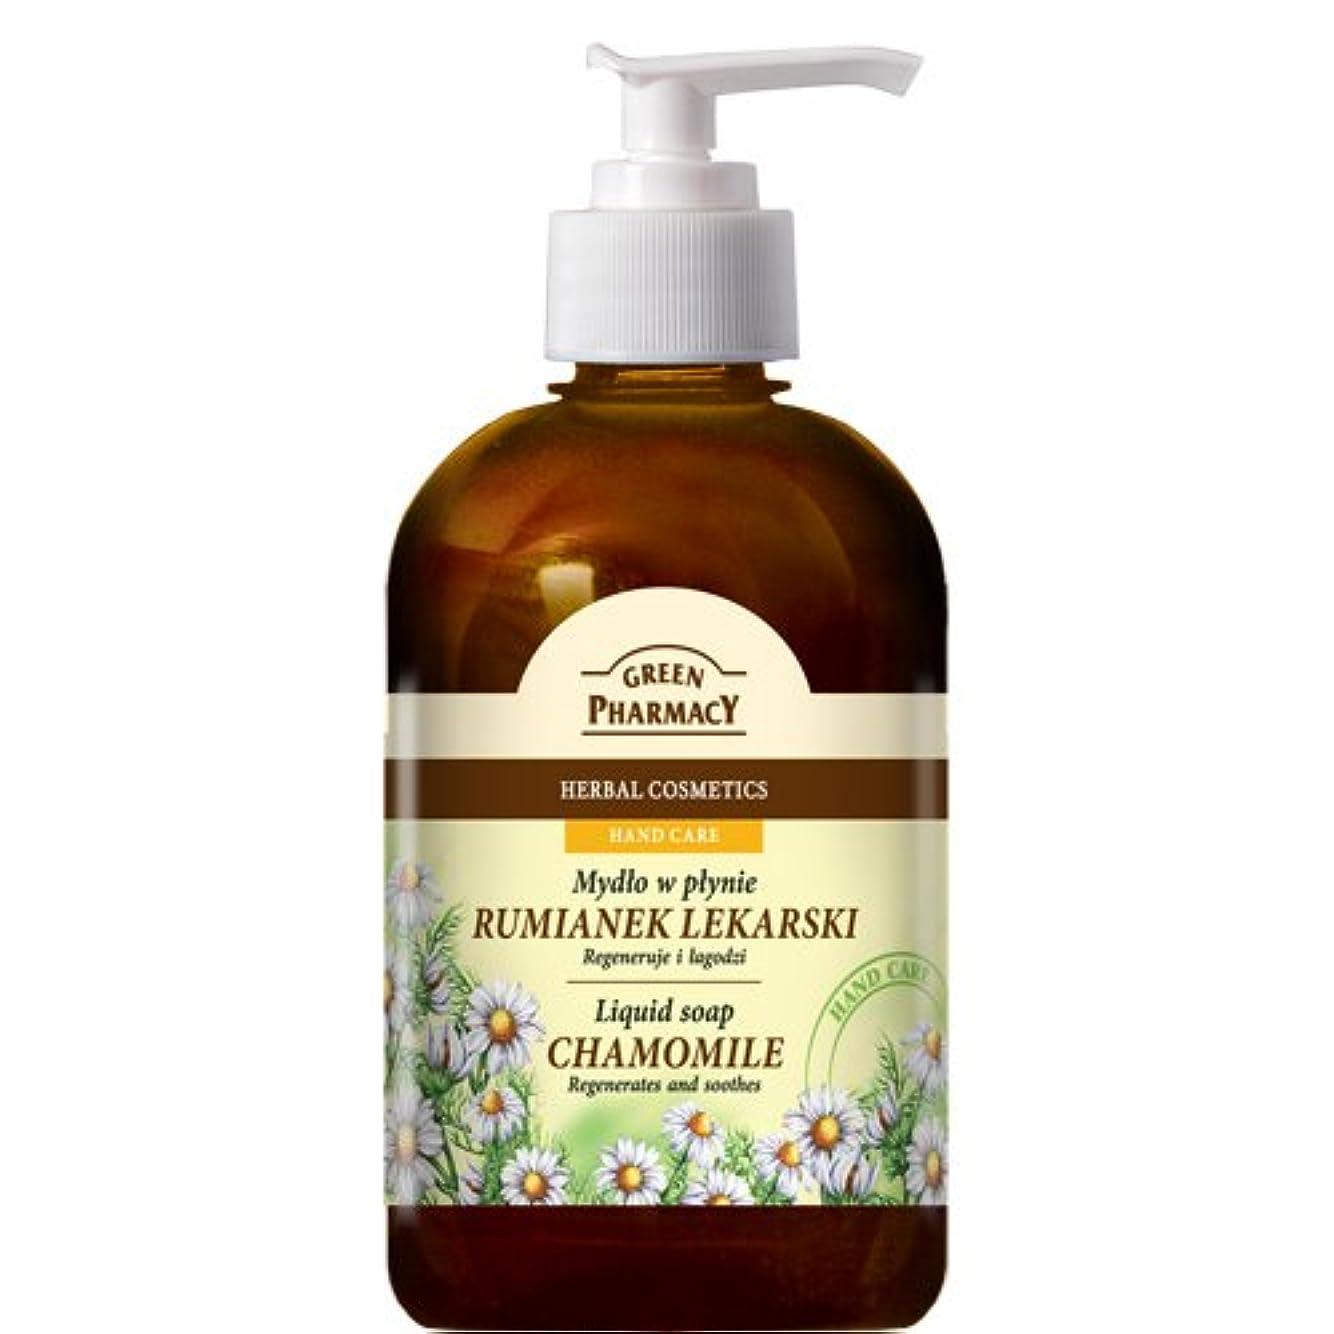 販売計画火傷ブランクElfa Pharm Green Pharmacy グリーンファーマシー Liquid Soap リキッドソープ Chamomile カモマイル